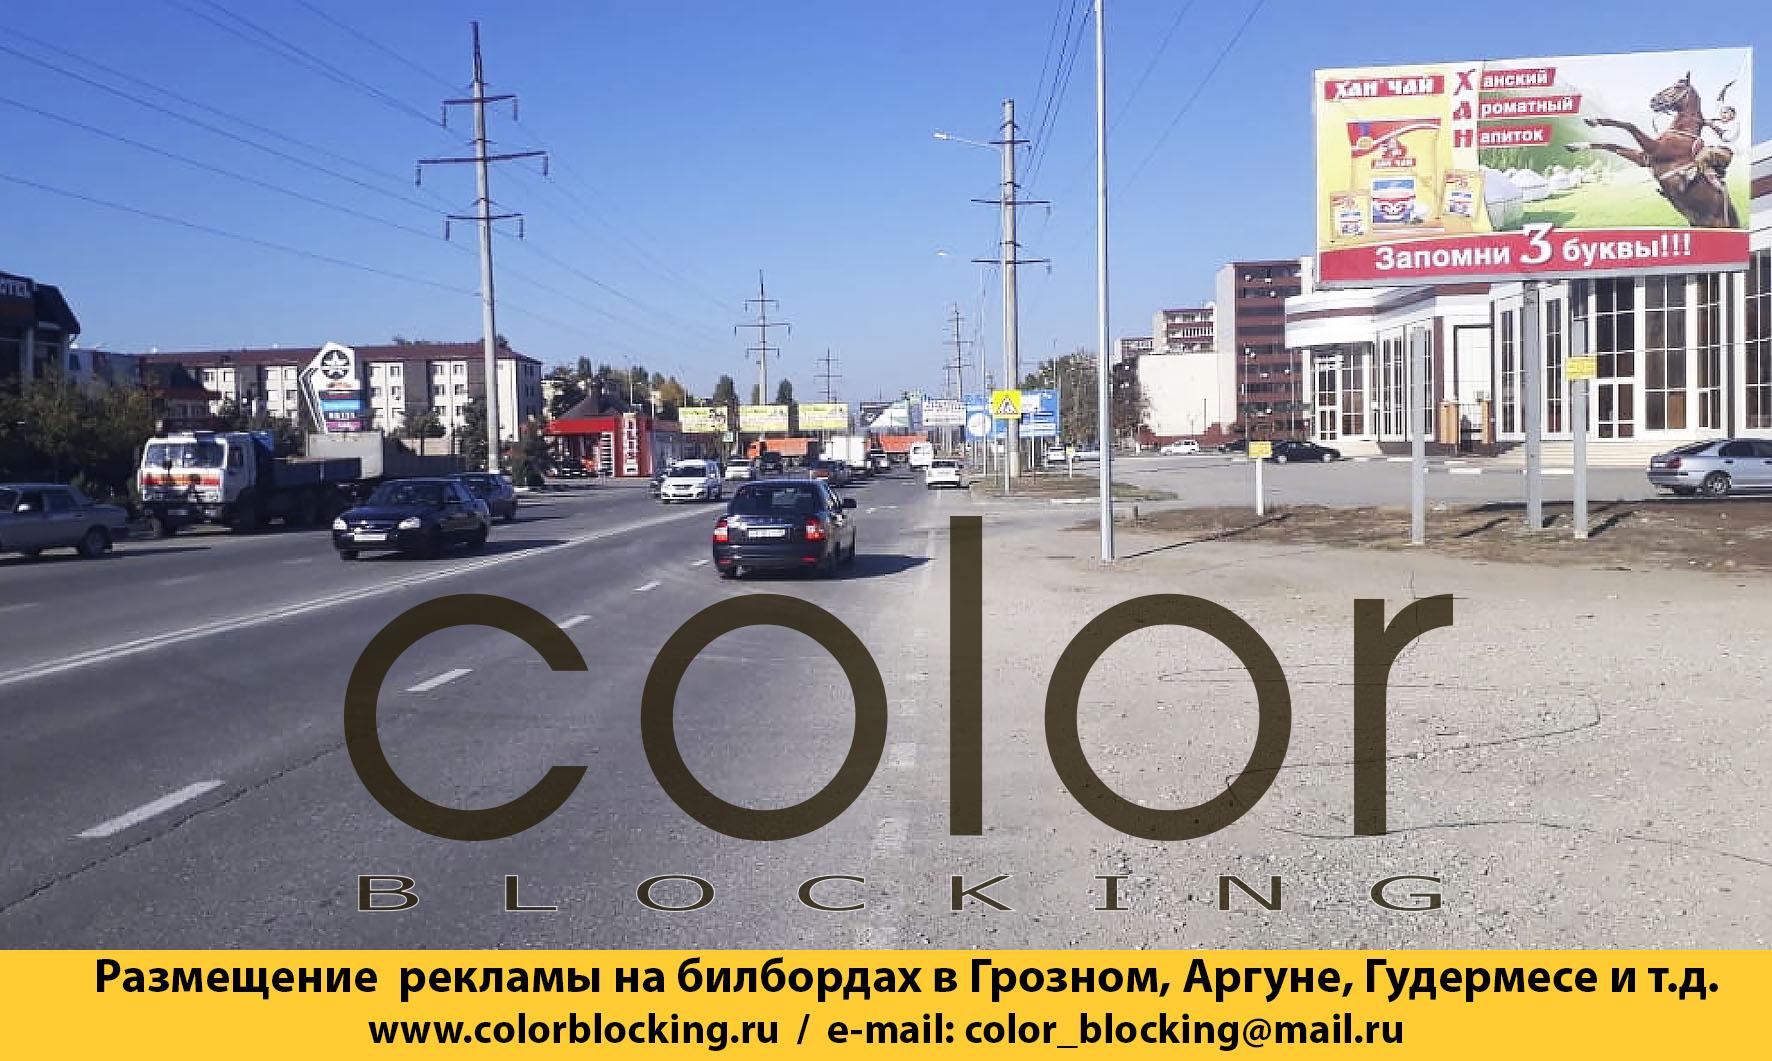 Реклама на билбордах в Грозном аренда